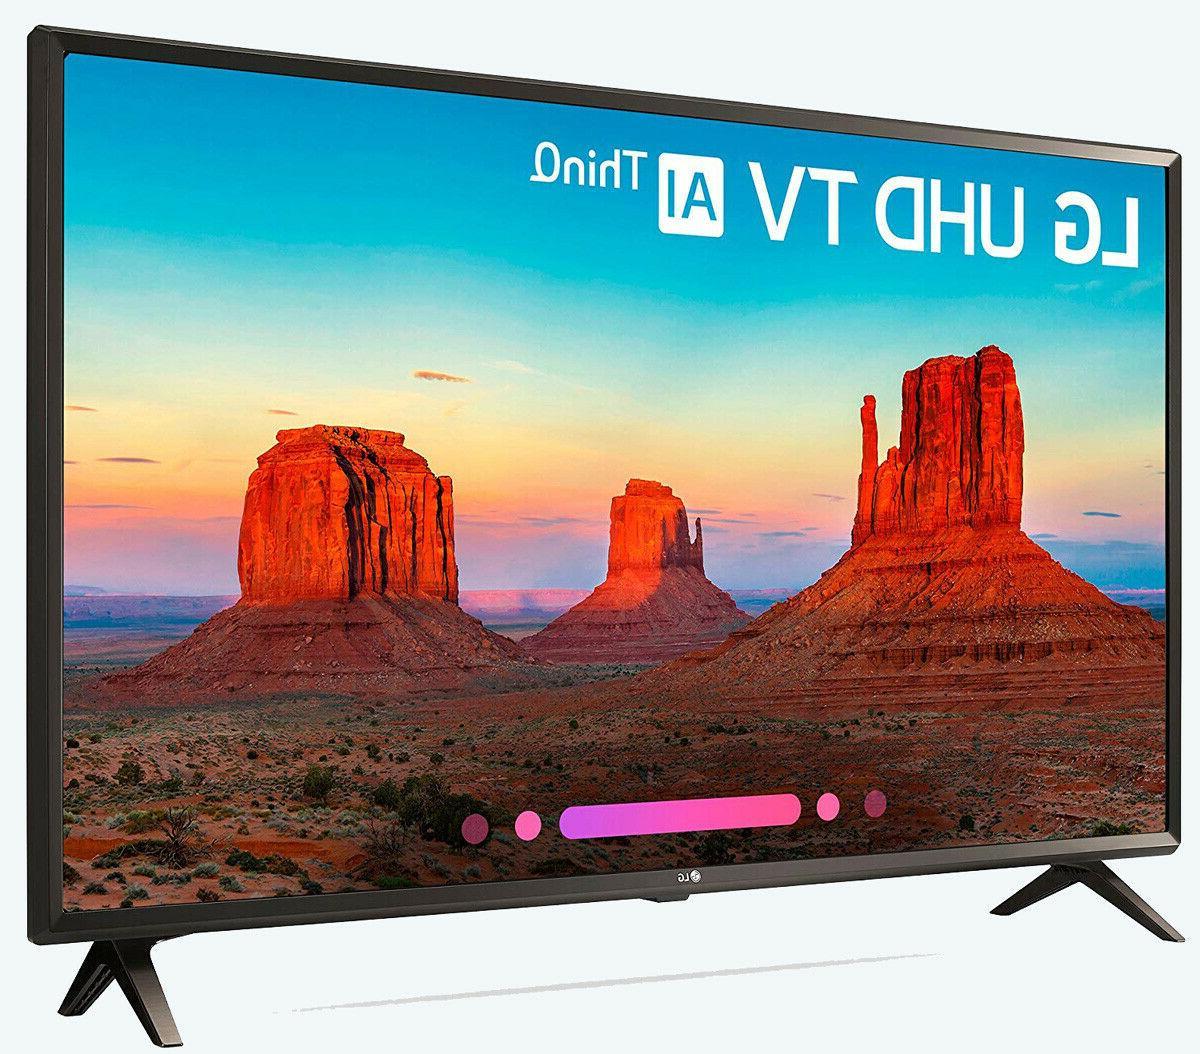 LG 43-Inch 4K HD Smart LED